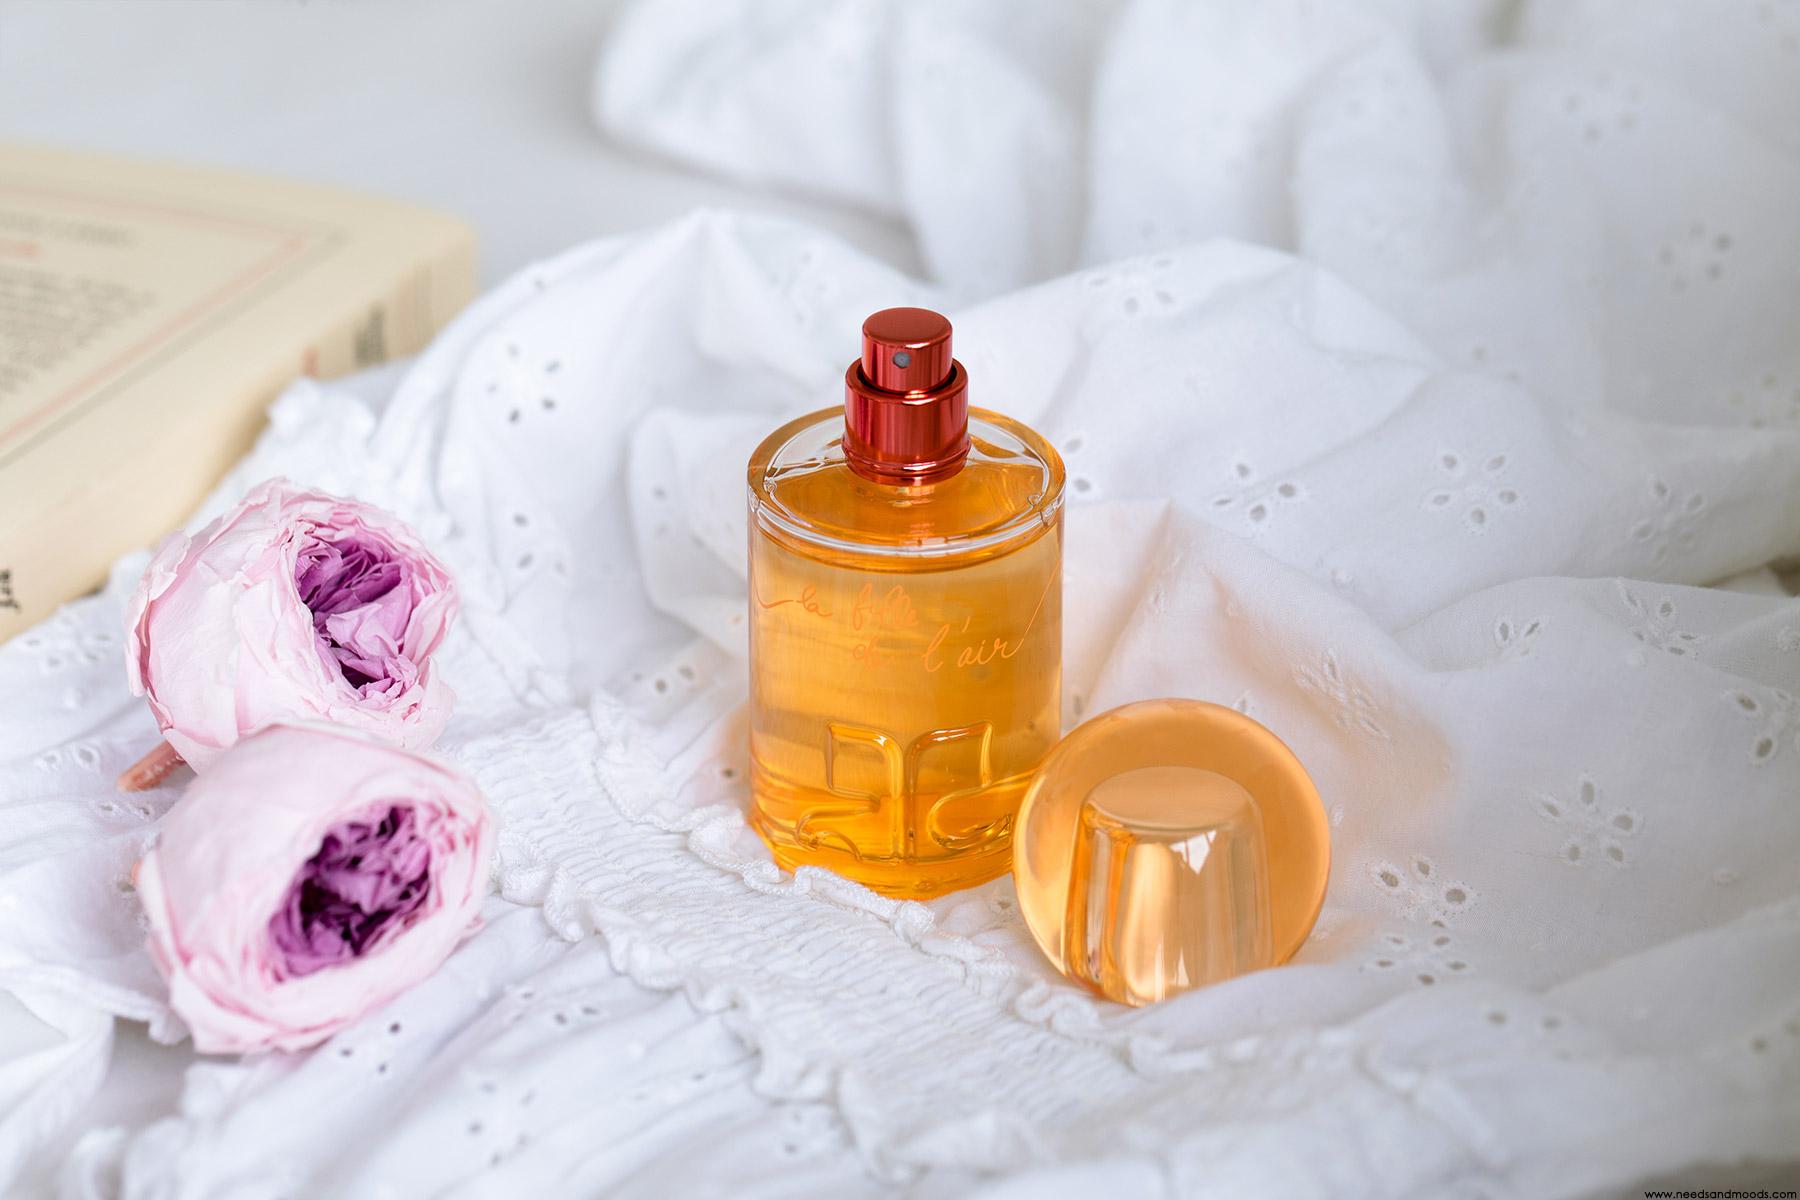 La Fleur L'airParfum De Doudou À Courrèges Fille D'oranger iPXZku